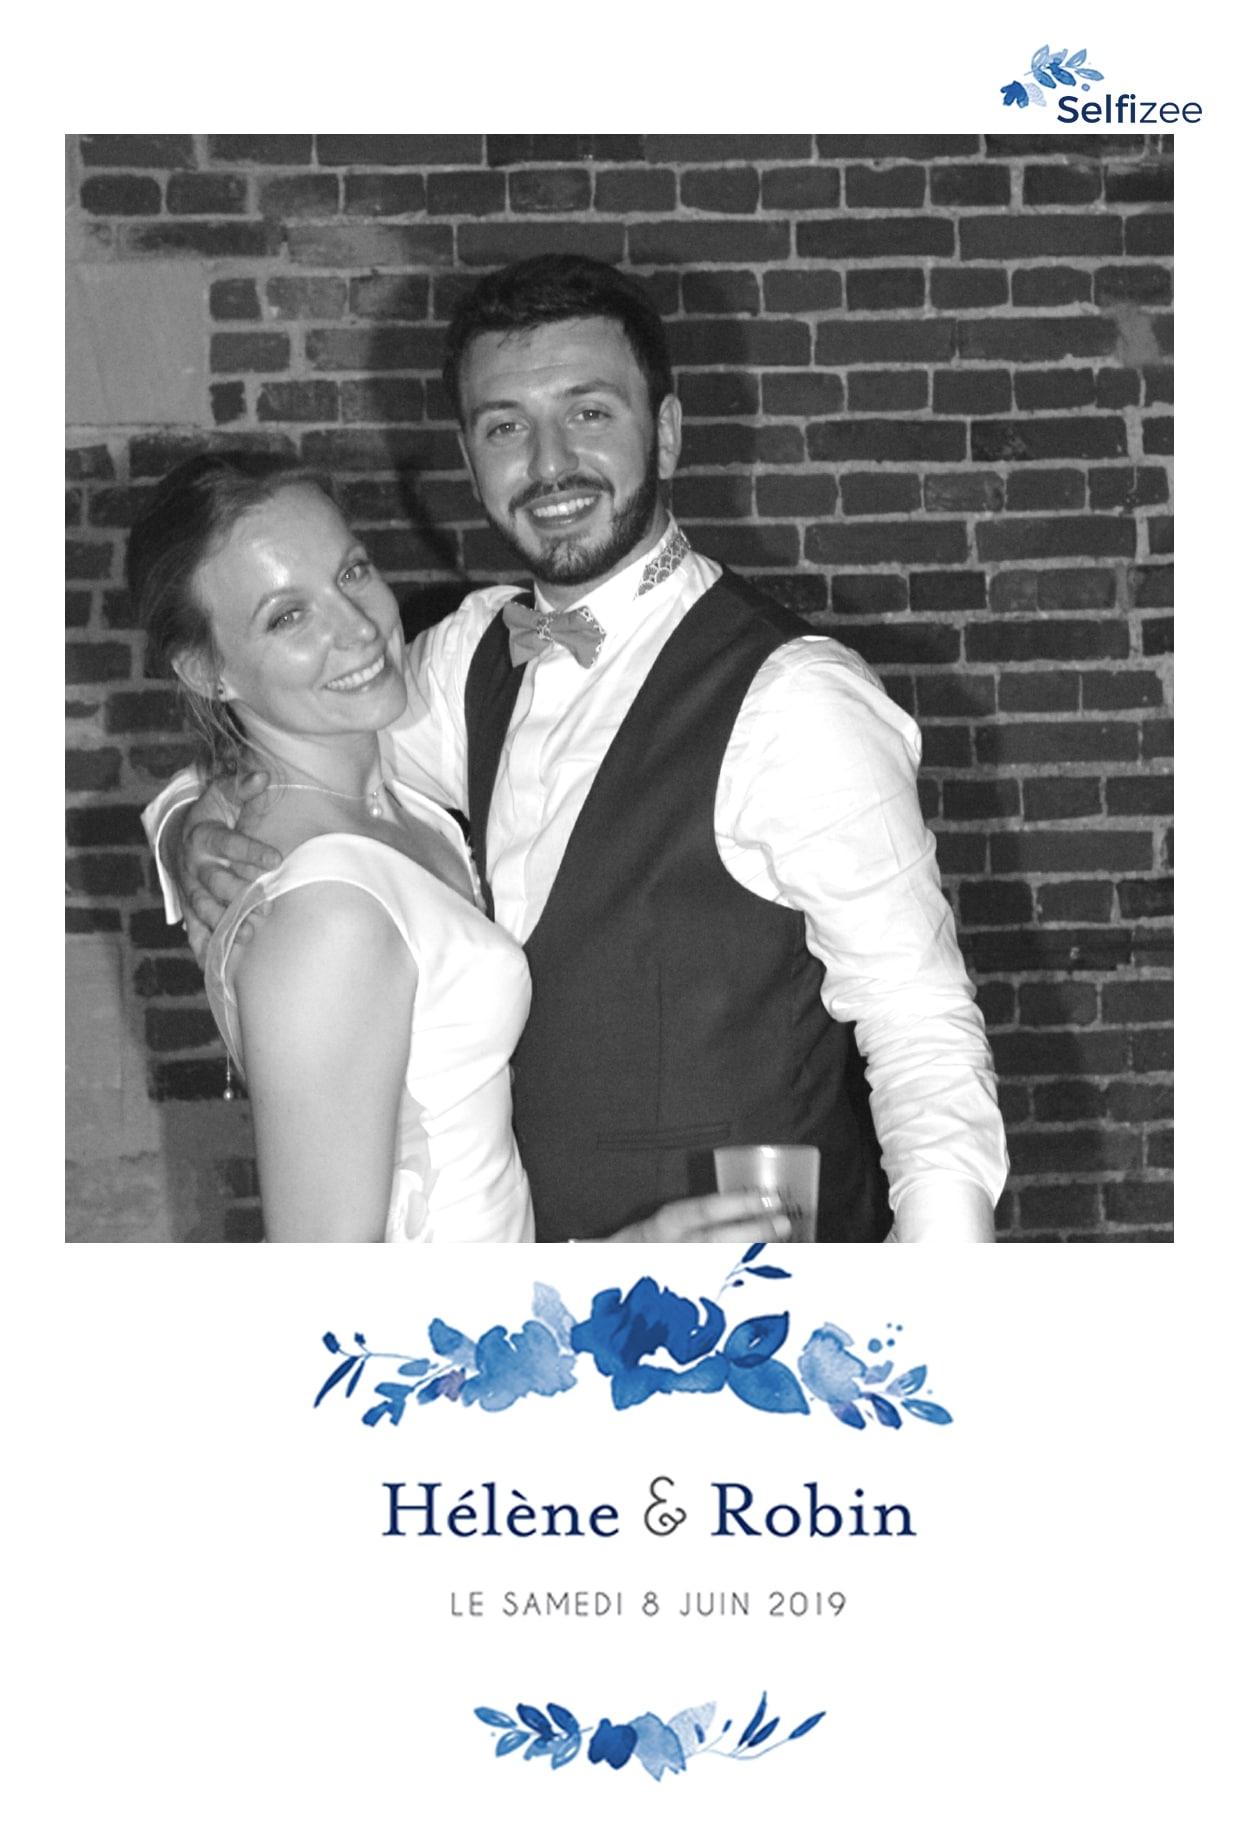 Animation borne photo mariage personnalisée Amiens - borne selfie à louer Amiens / Somme pour mariage, anniversaire, baptême, fête avec impressions photos